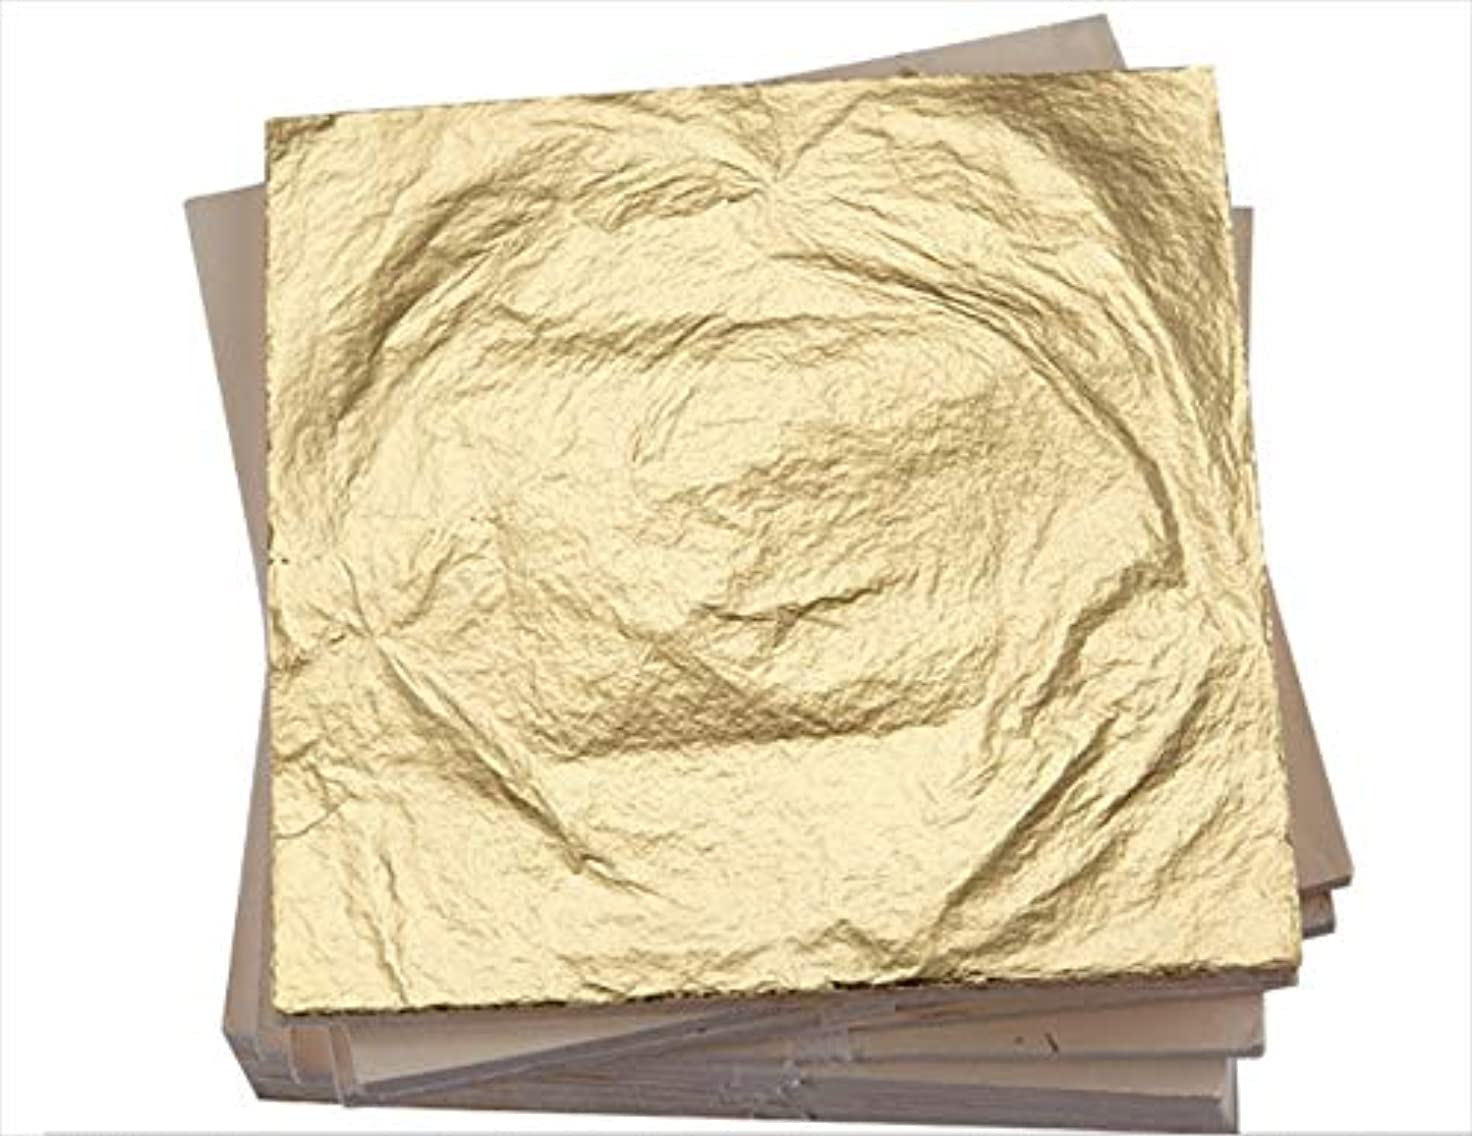 準拠アロング貫通する箔シート 金箔 フェイク ゴールド ゴールドリーフ 日本画用 工作用 ネイルチップ 14×14cm 100枚 (ゴールド)